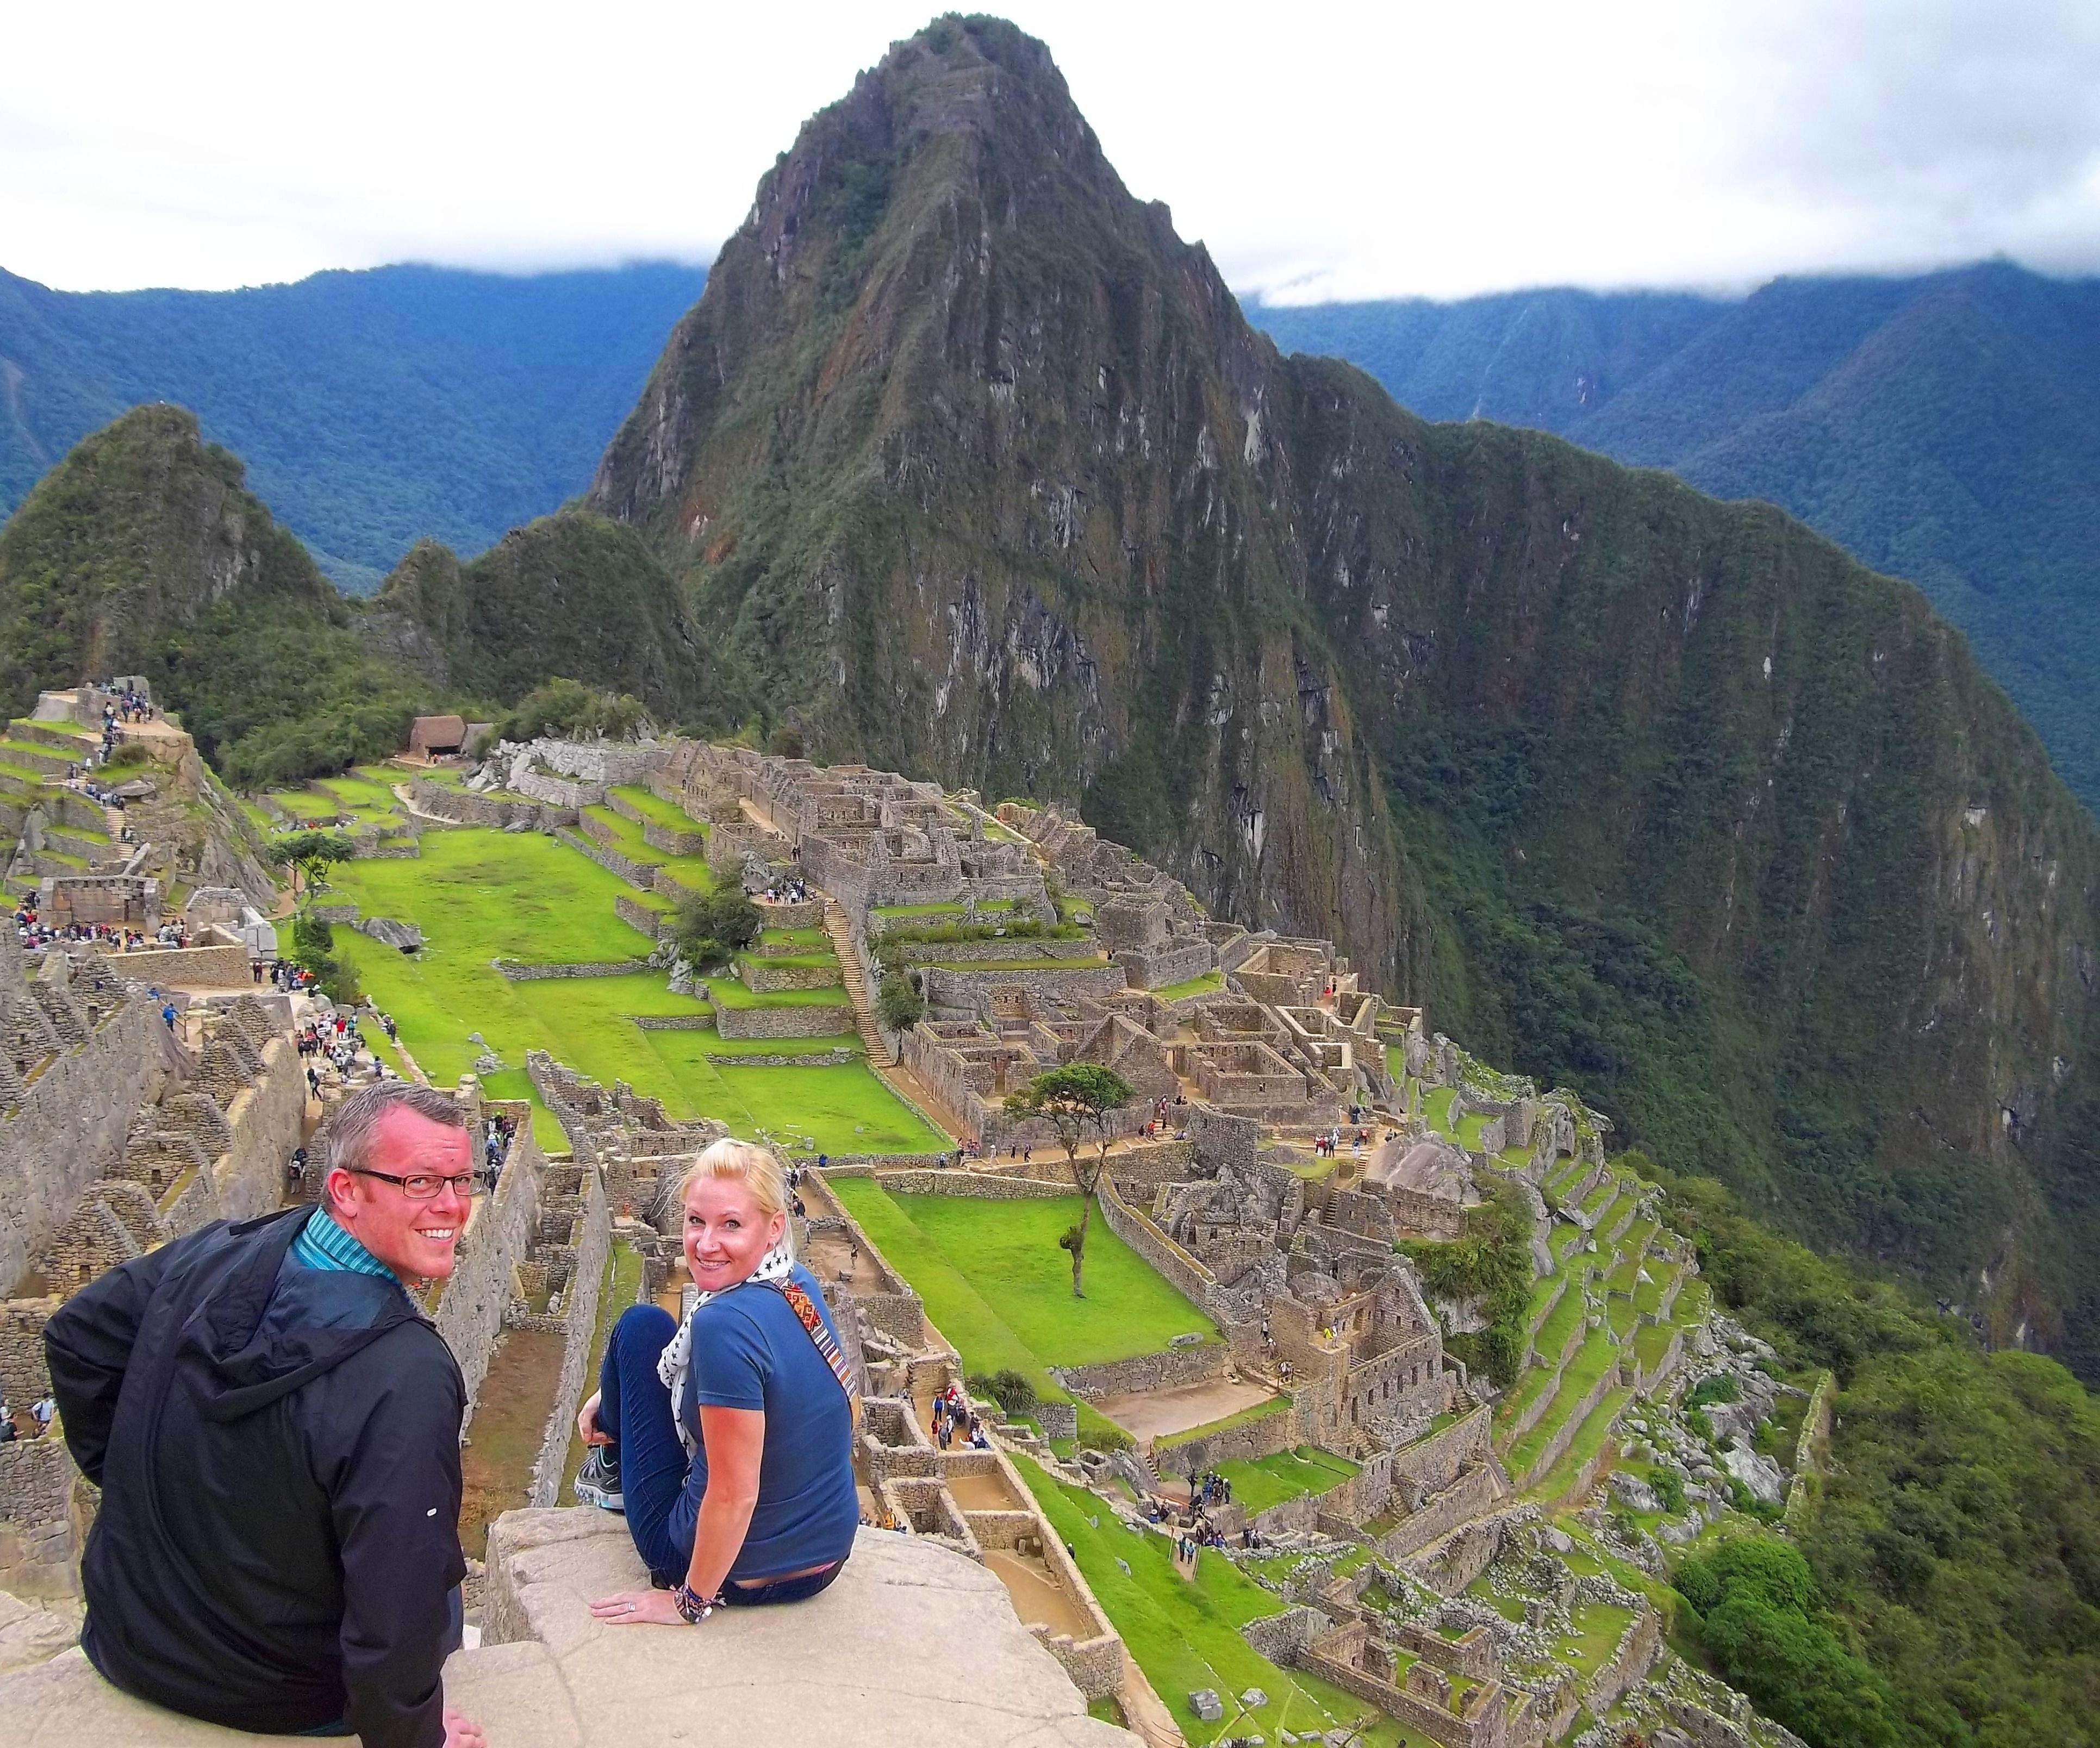 Una parella per la carretera a Machu Picchu, Perú